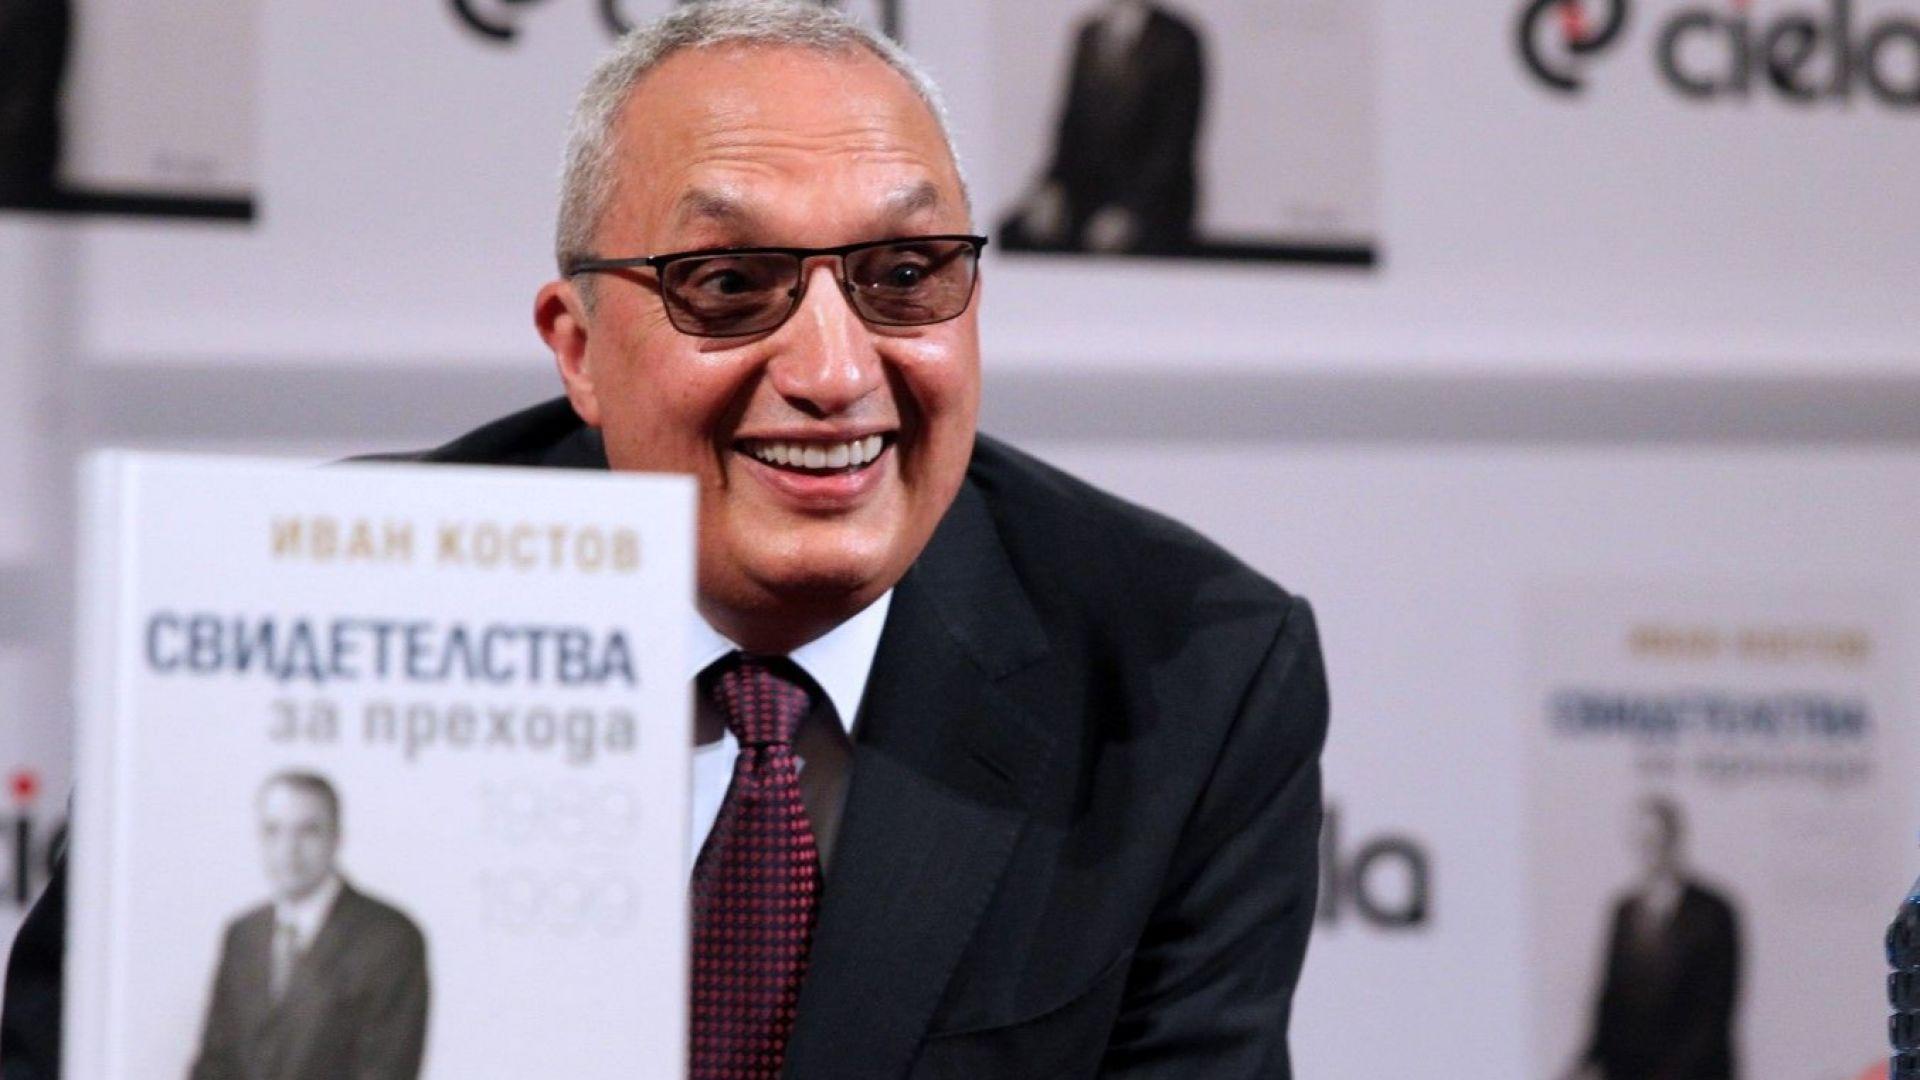 Костов: Оценка на приватизацията ще разобличи една от големите измами на прехода